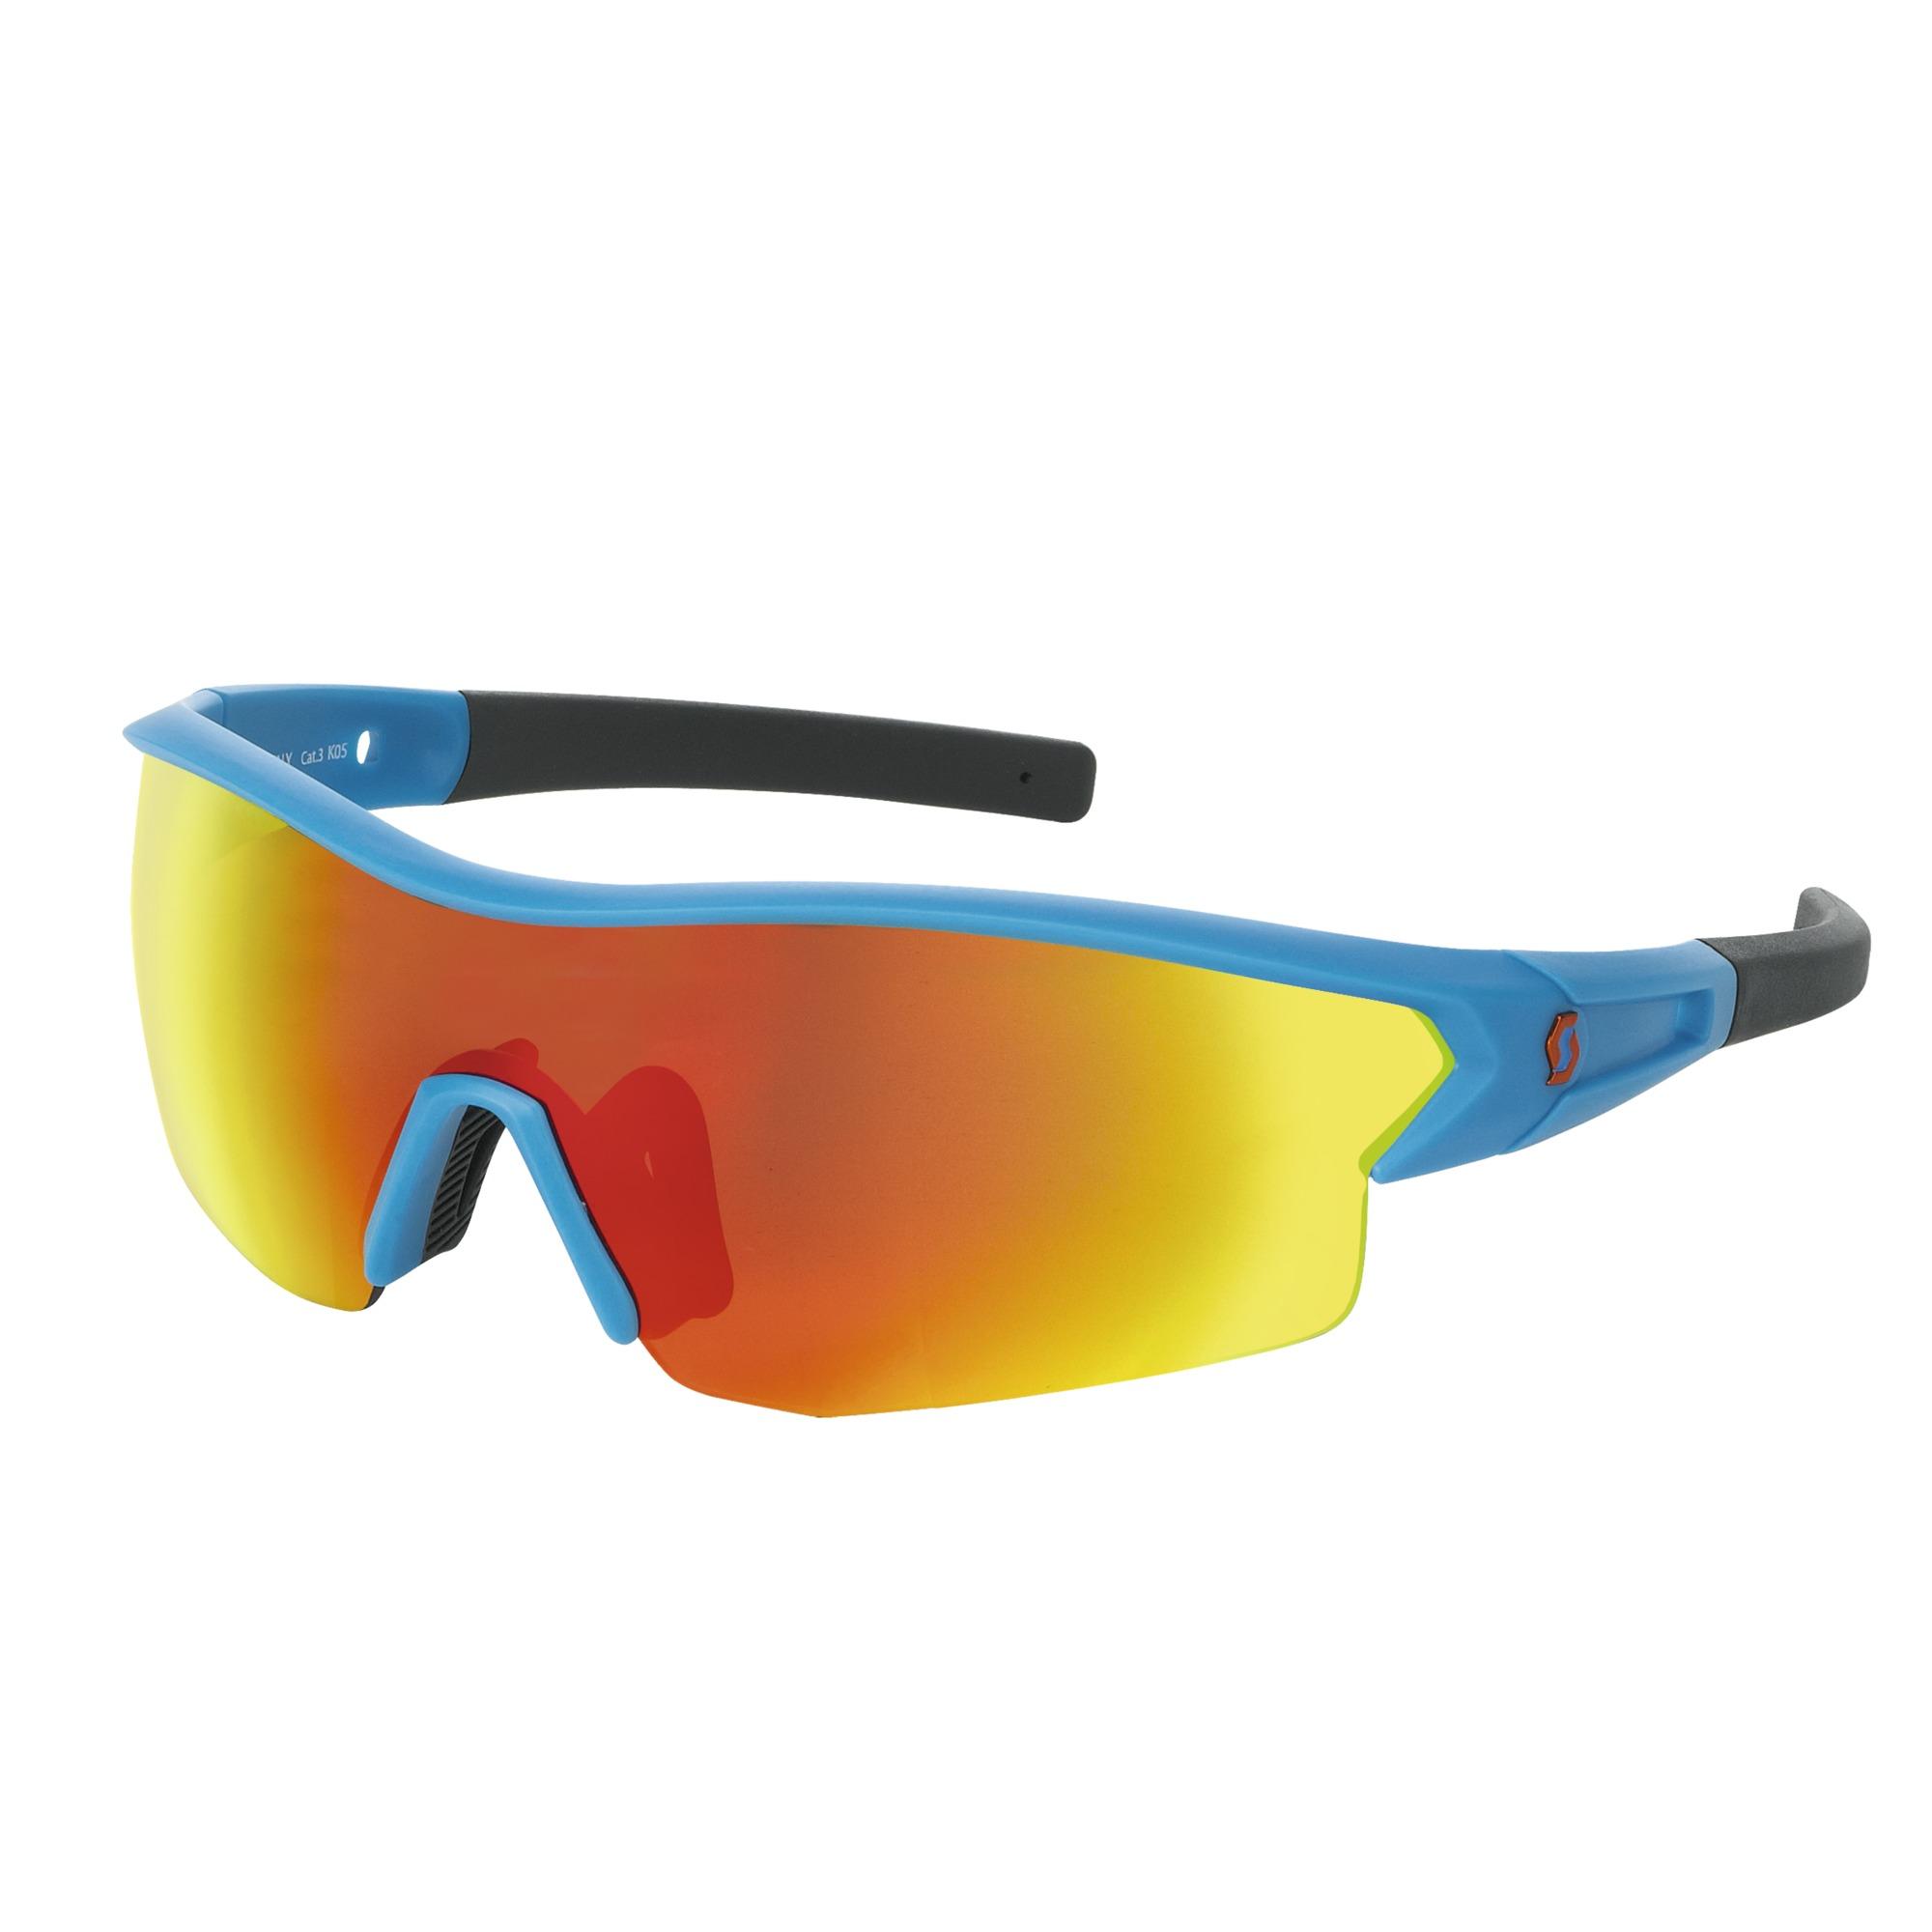 Scott Leap LS Sonnenbrille black matt/neon yellow grey light sensitive + clear GHXdjf1NoL